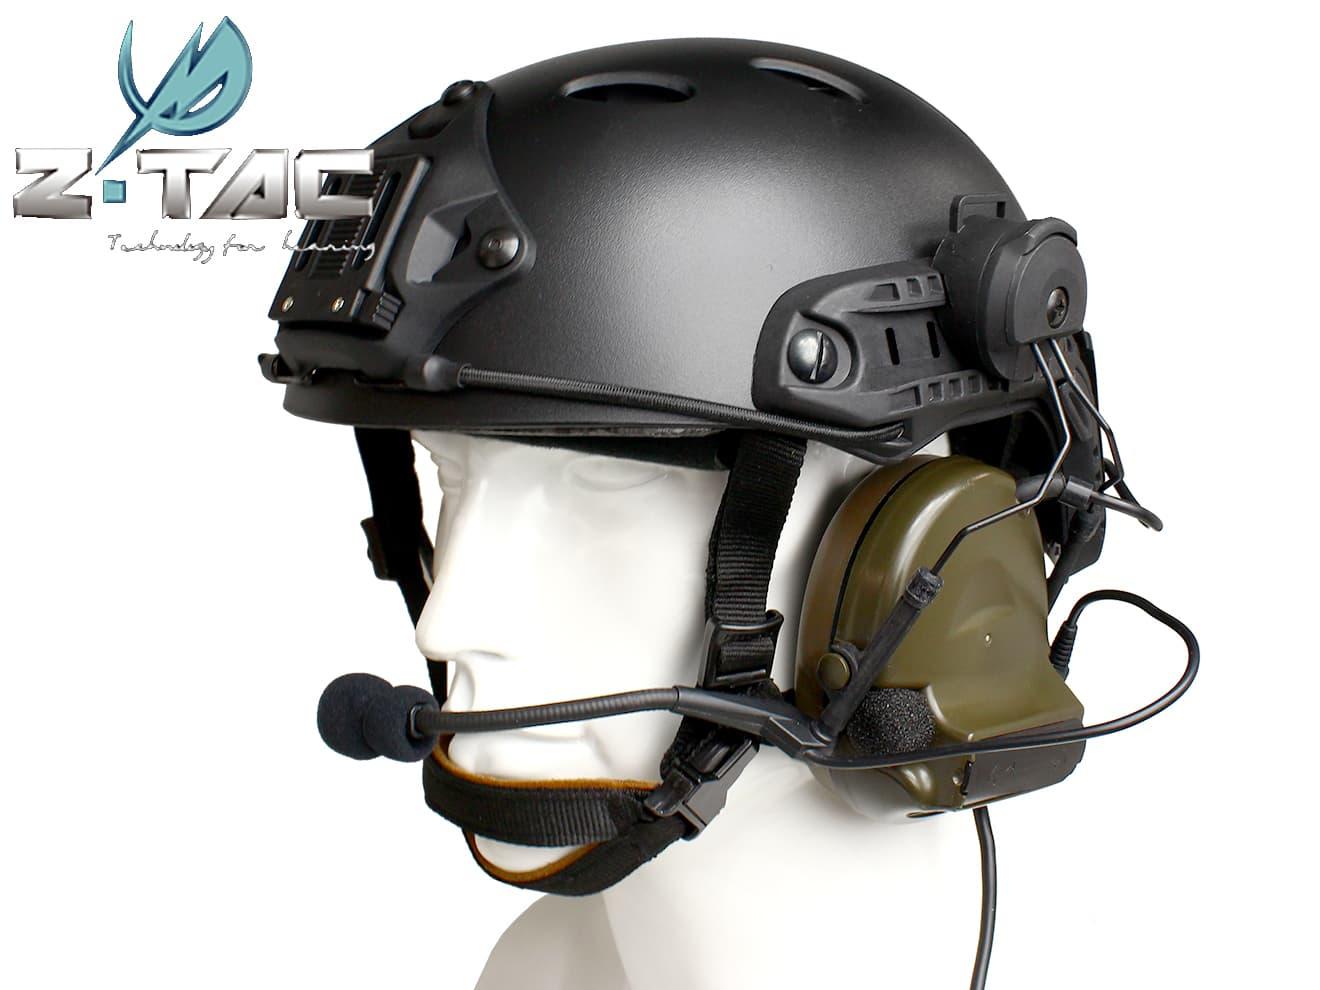 Z-TACTICAL CMTC 2ヘッドセット+OPS CORE CARBONEタイプ ヘルメット+ARCレールアダプター BK◆快適な装着感!サバゲに嬉しい3点セット!バラよりかなりお得!